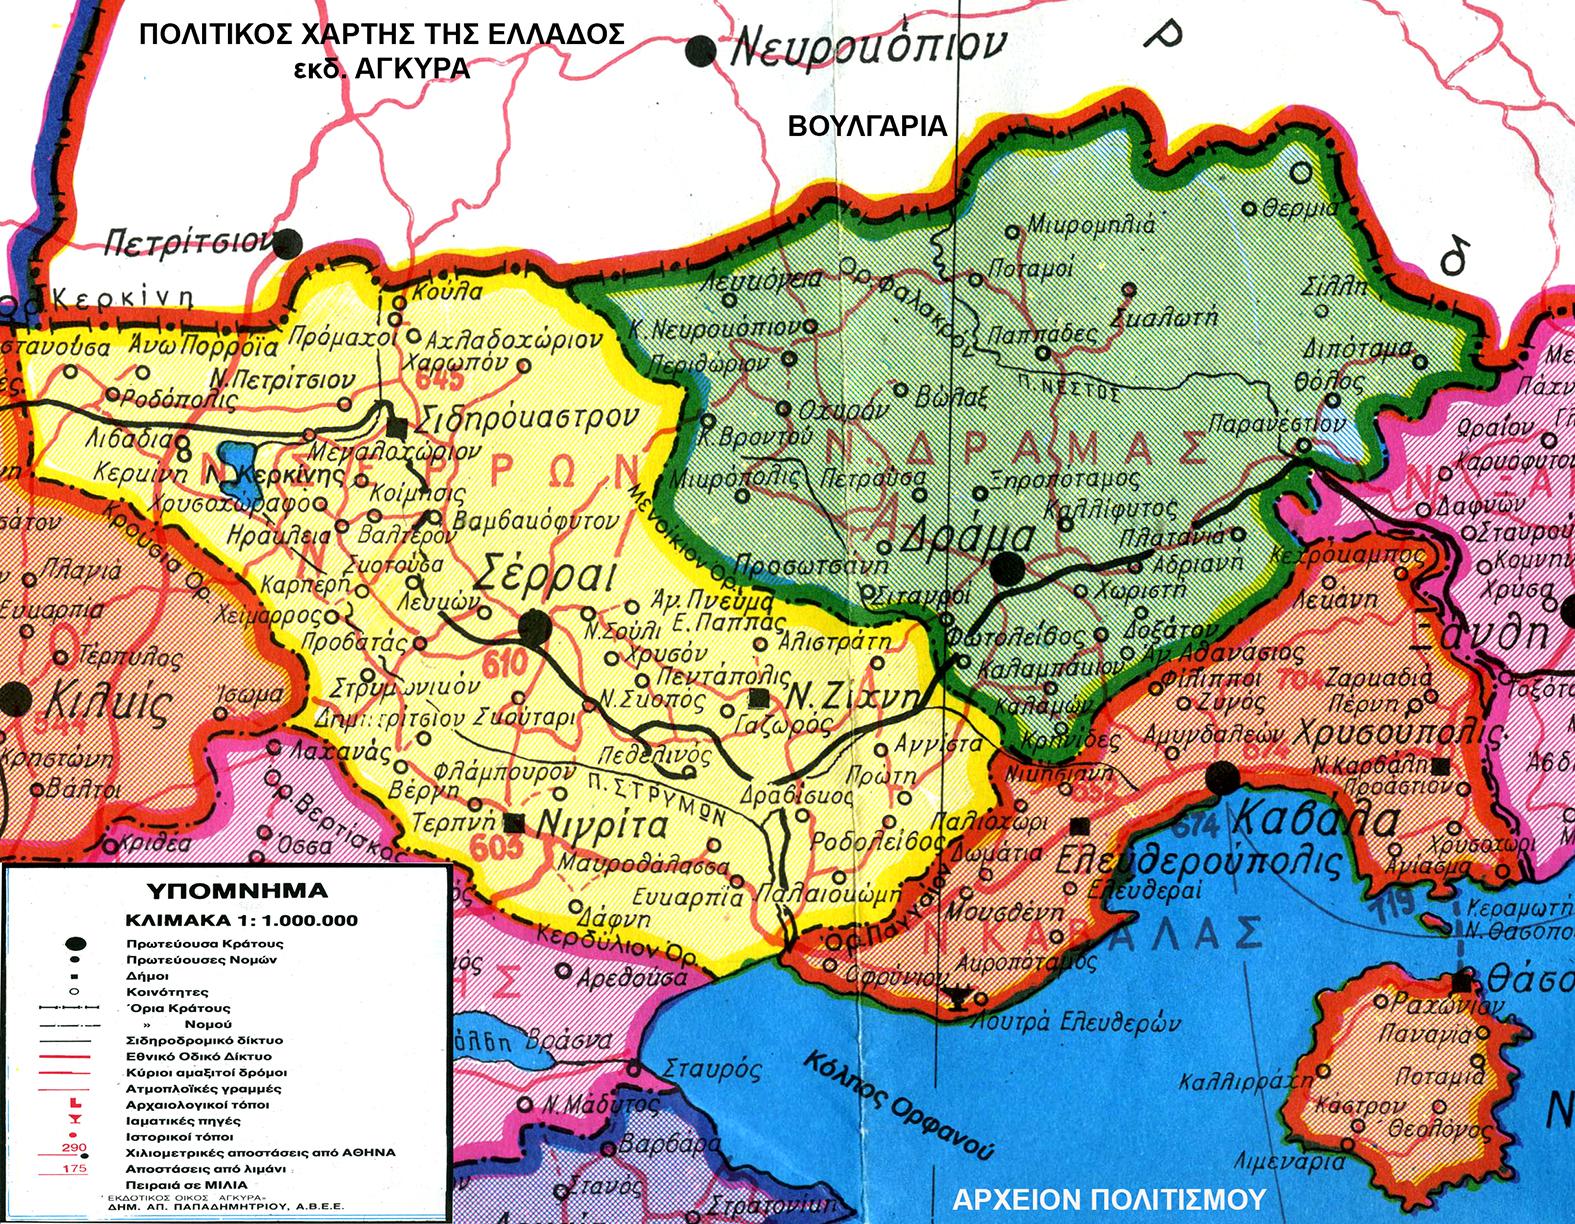 Palaios Politikos Xarths Ths Anatolikhs Makedonias Arxeion